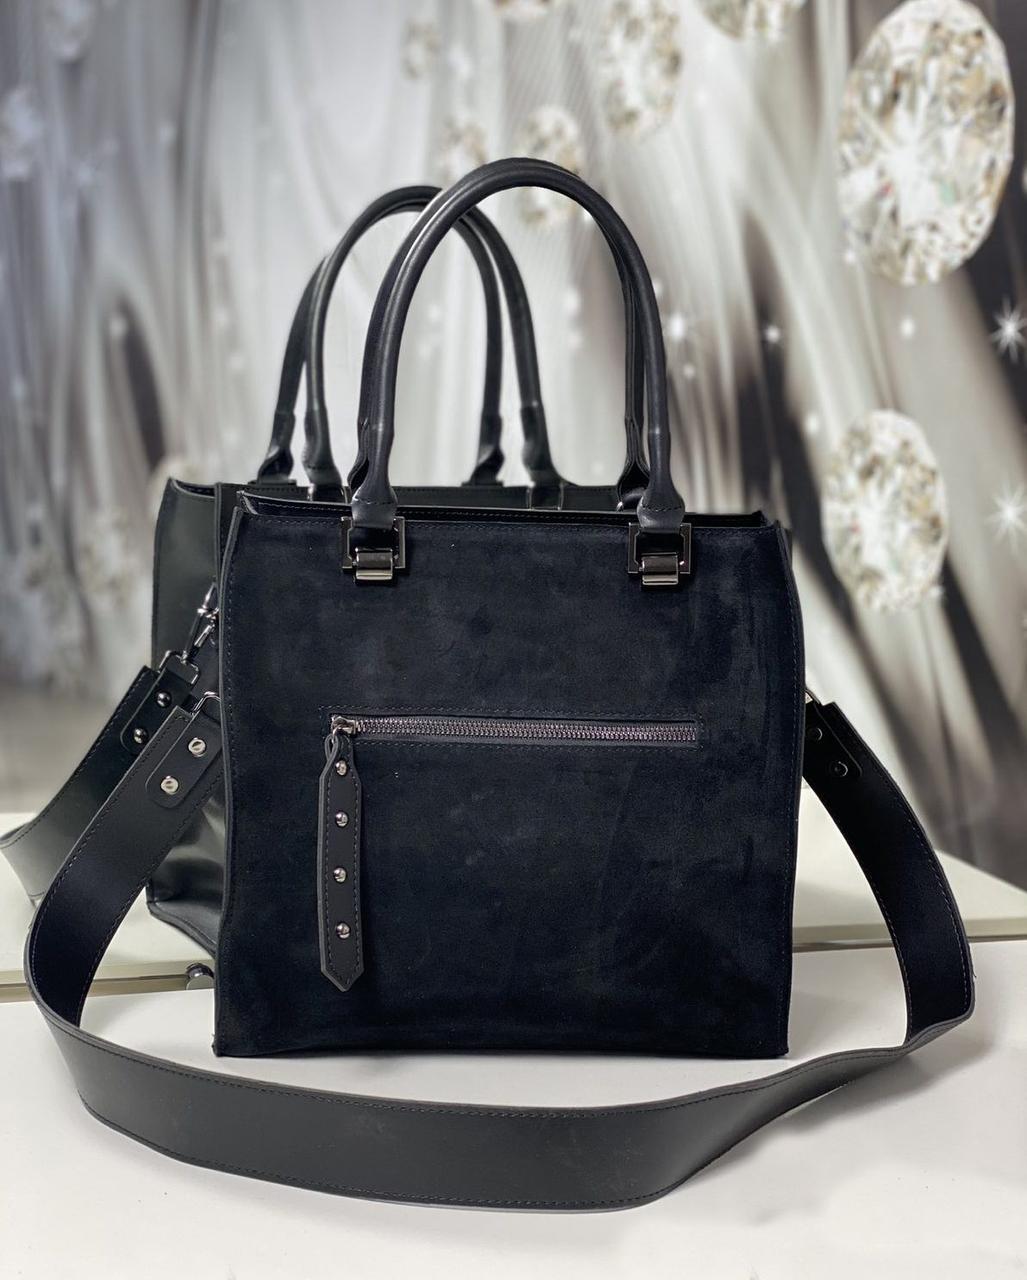 Сумка женская черная средняя классическая небольшая комбинированная квадратная стильная замша+экокожа